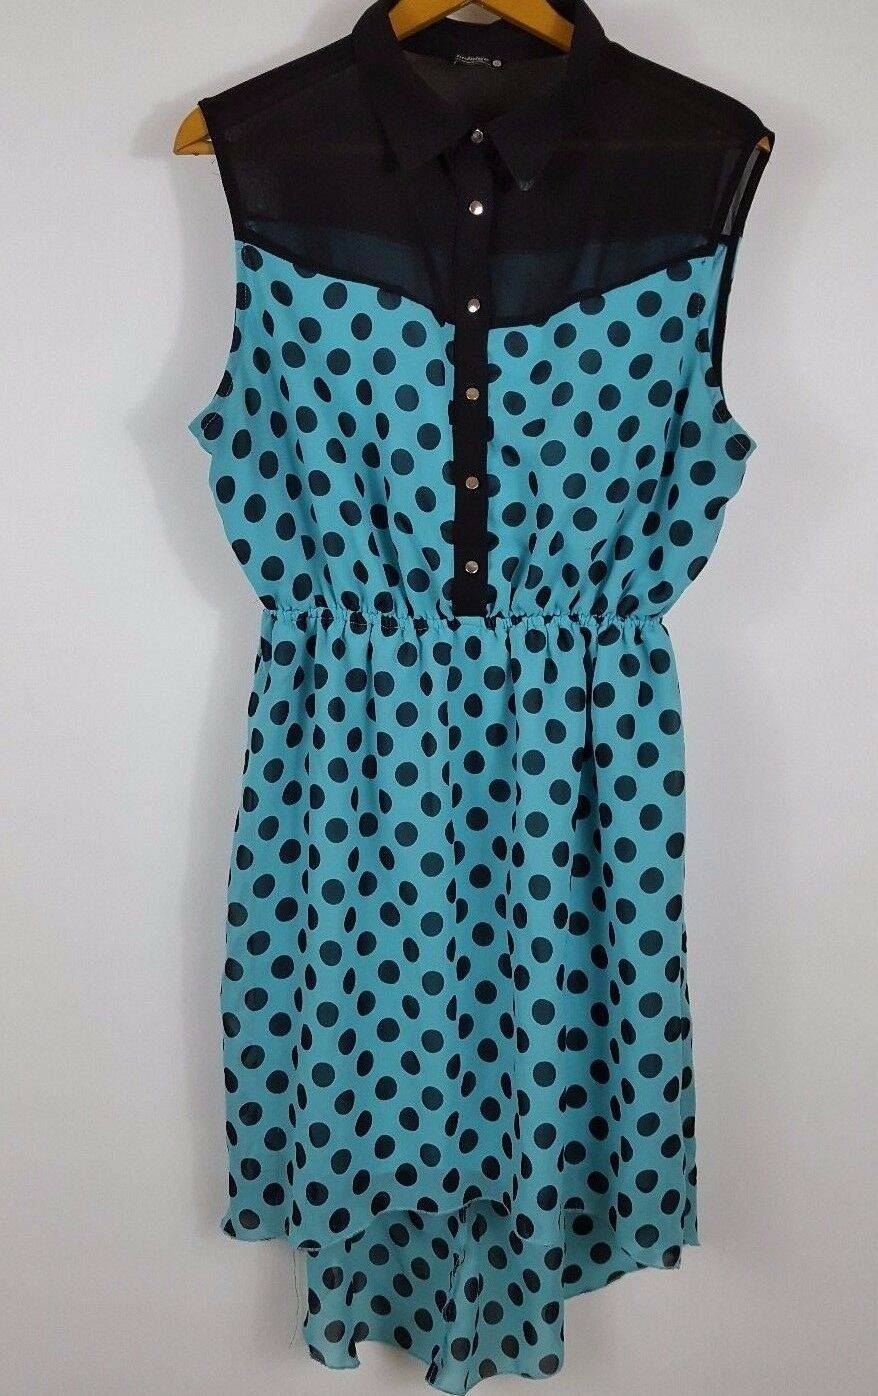 womens 1X plus size blue polka dot dress with high low hemline